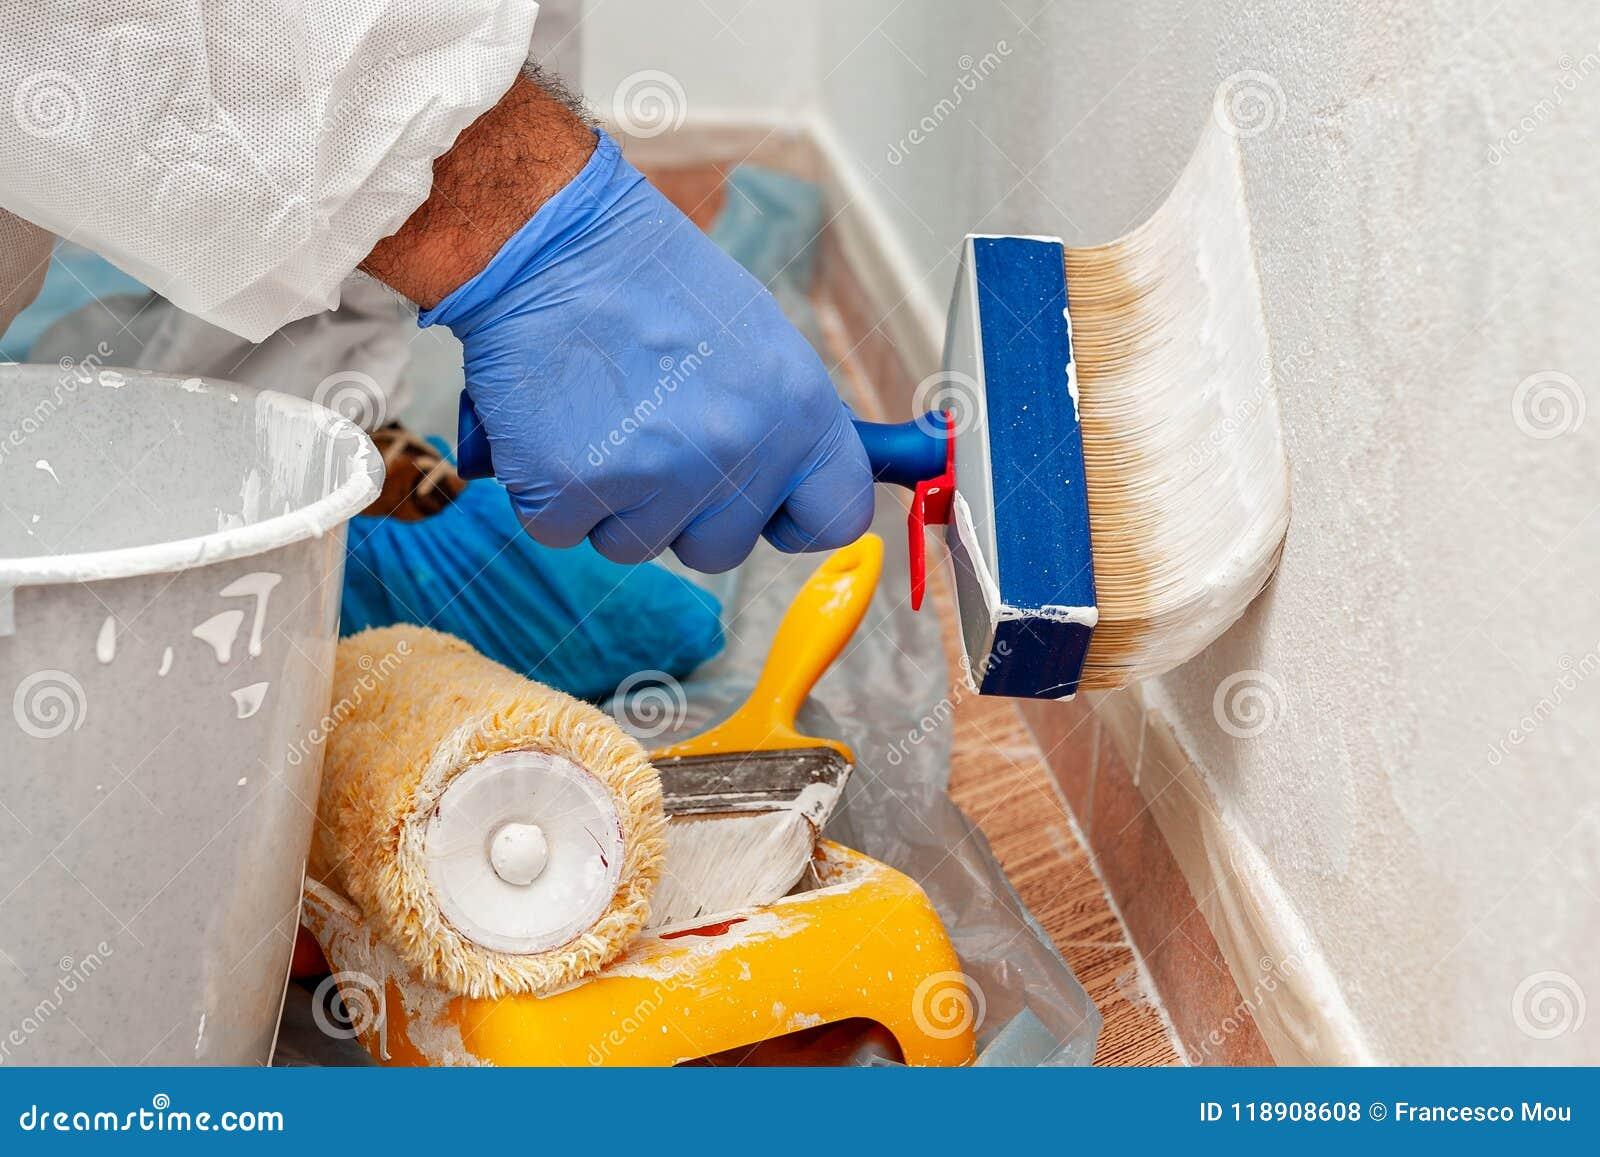 Anstreicher bei der Arbeit, die eine Wand mit einer Bürste malt